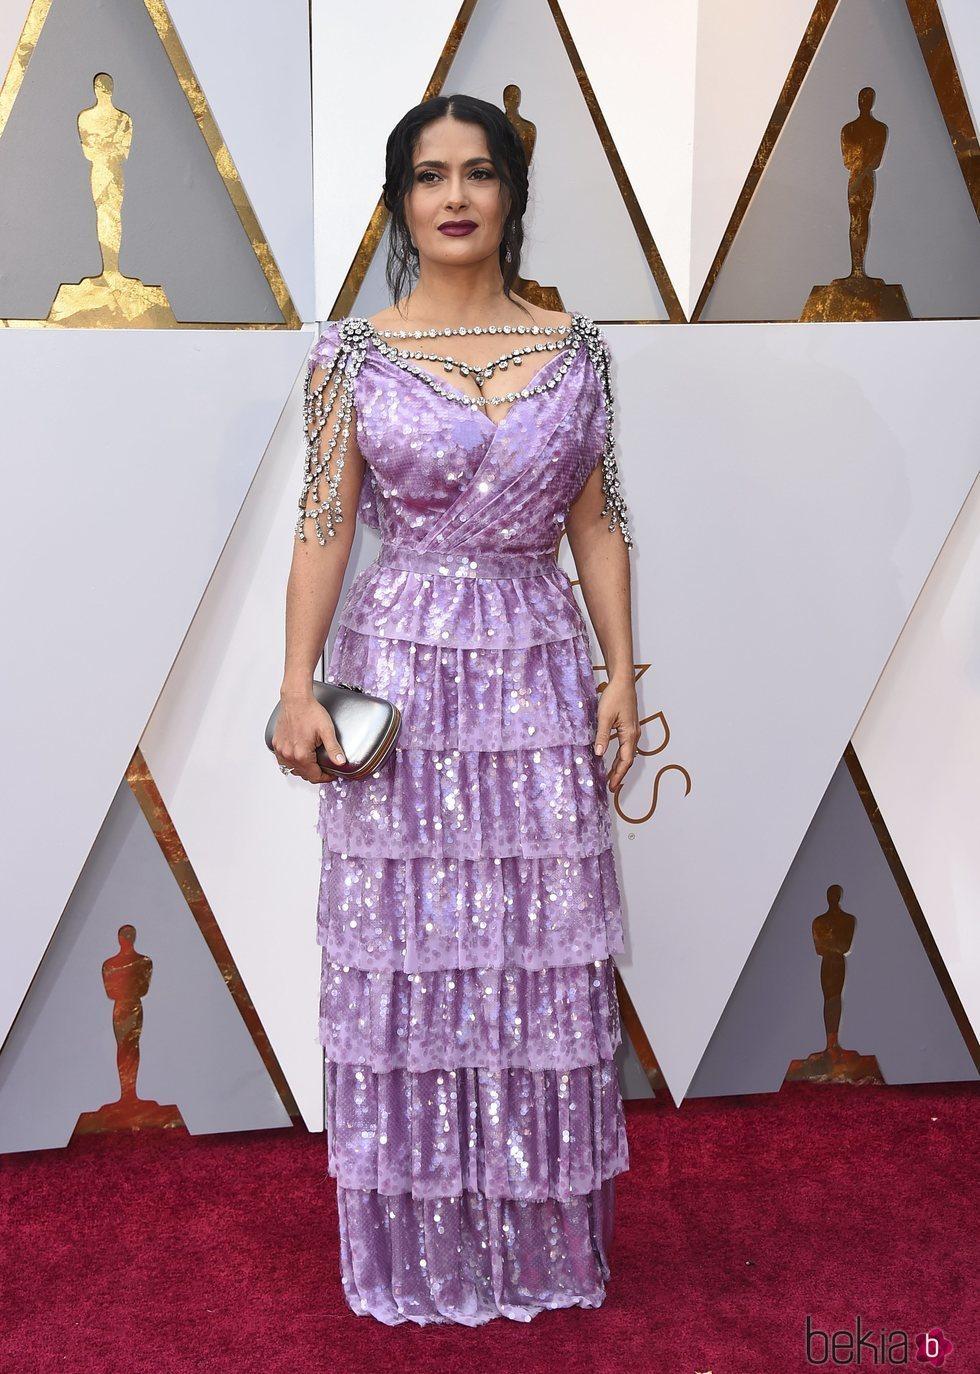 Salma Hayek en la alfombra roja de los Premios Oscar 2018